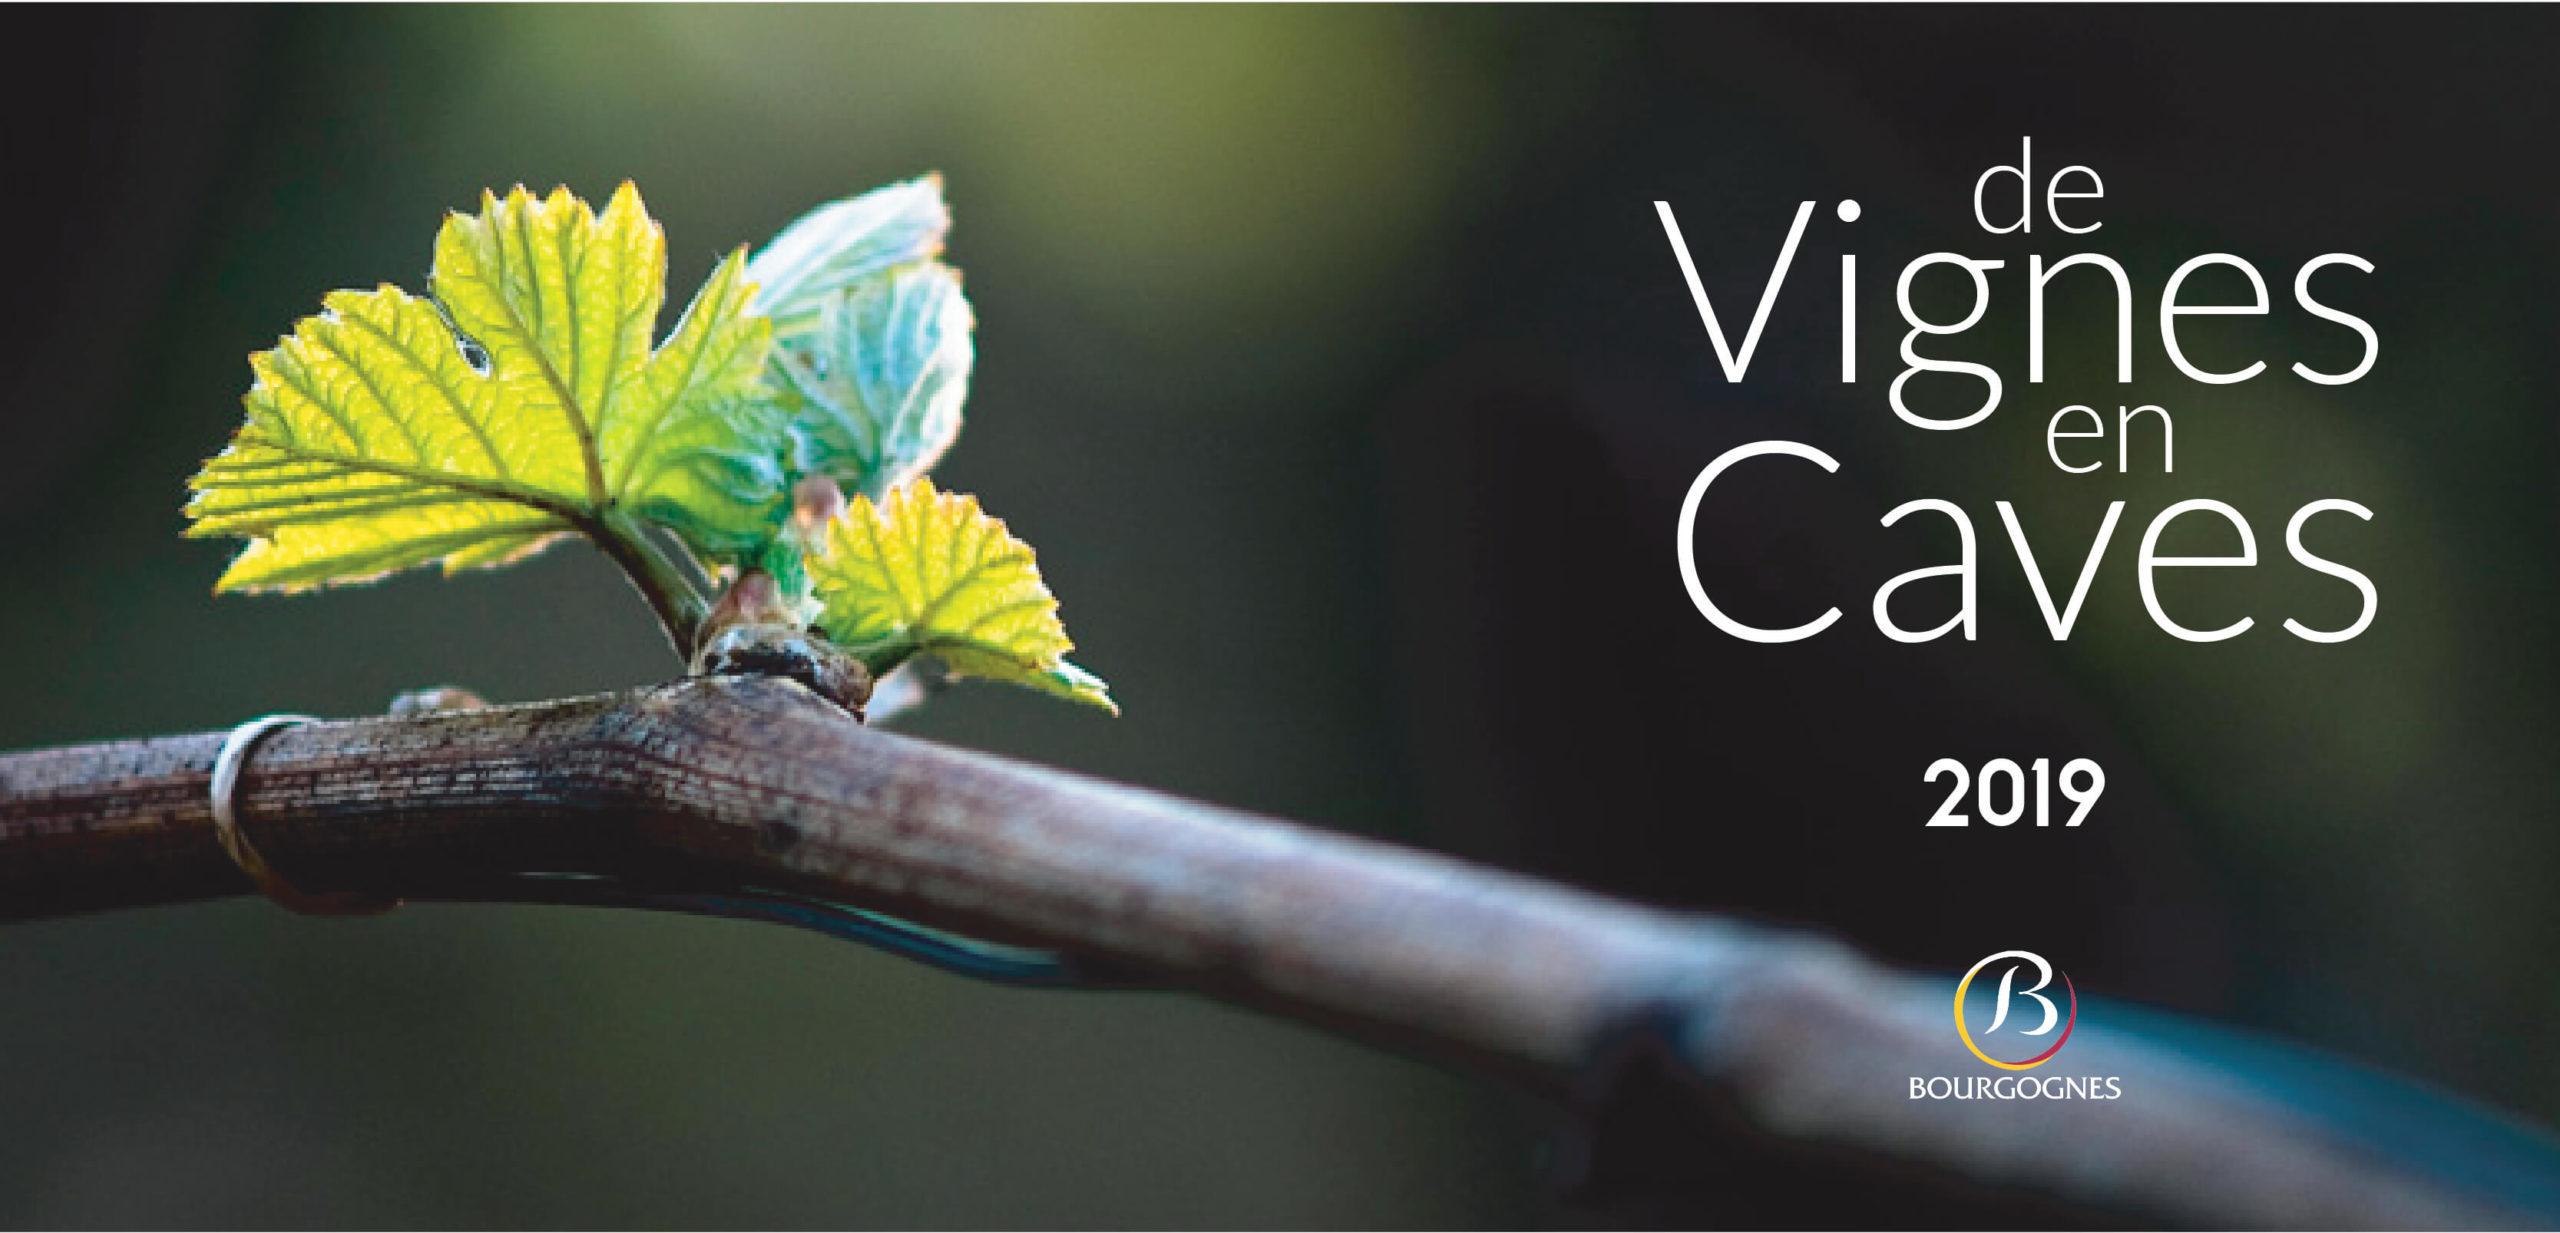 vignette de vignes en caves 2019